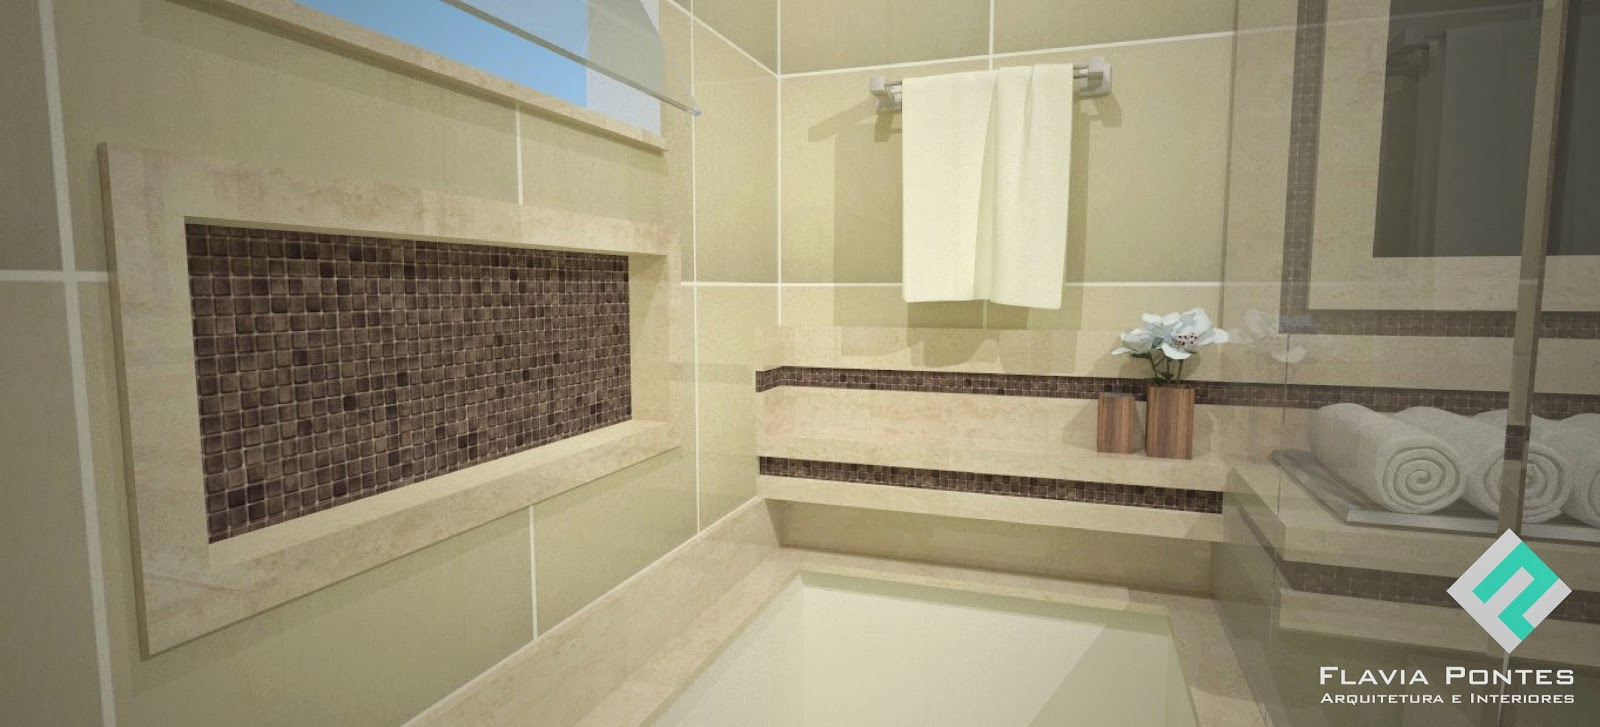 Flavia Pontes Arquitetura -> Banheiro Pequeno Com Banheira E Chuveiro Juntos